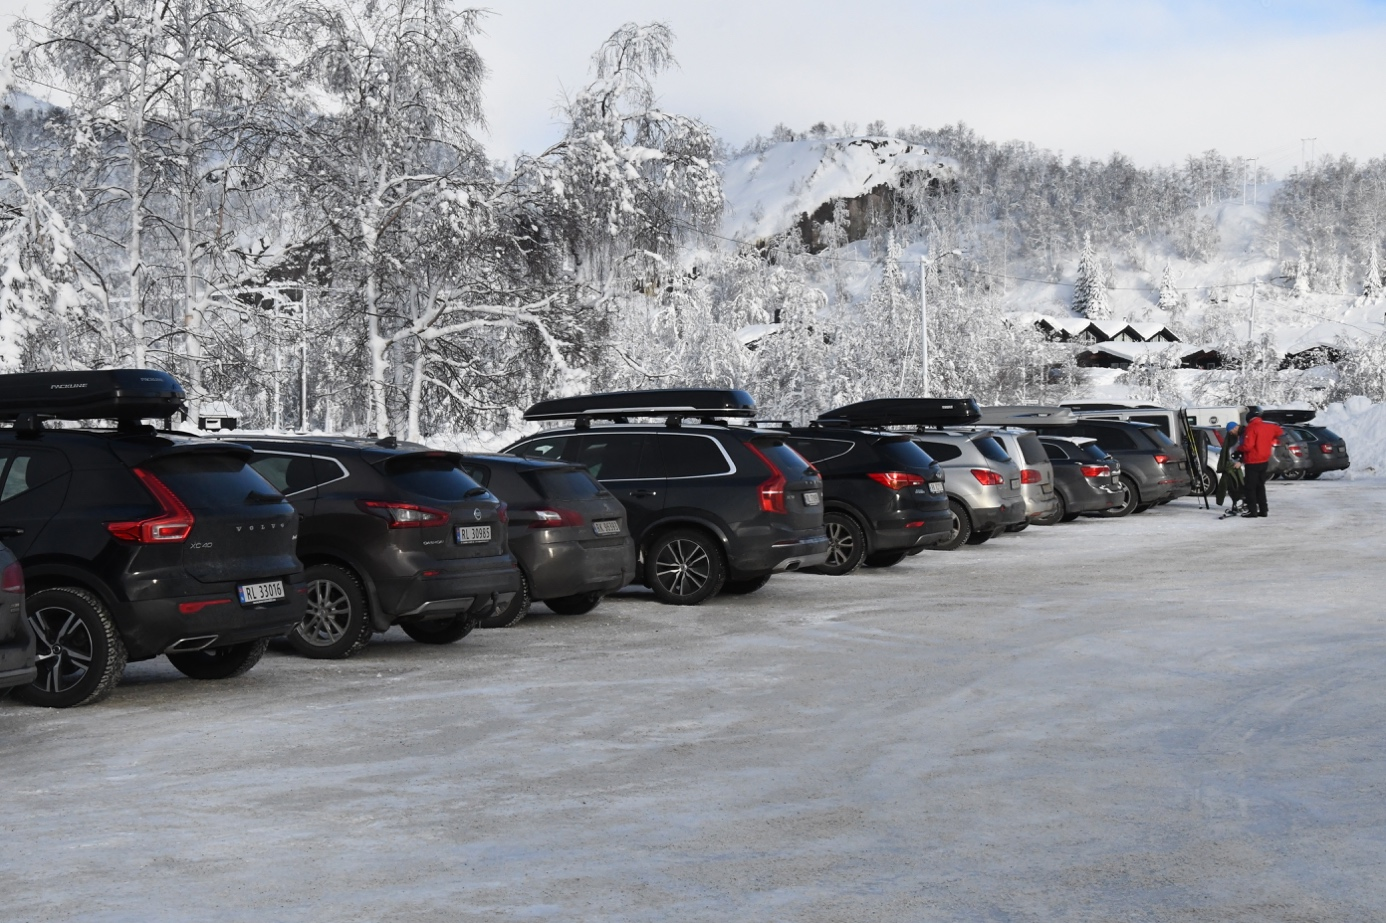 Et bilde som inneholder bil, utendørs, snø, fjell  Automatisk generert beskrivelse